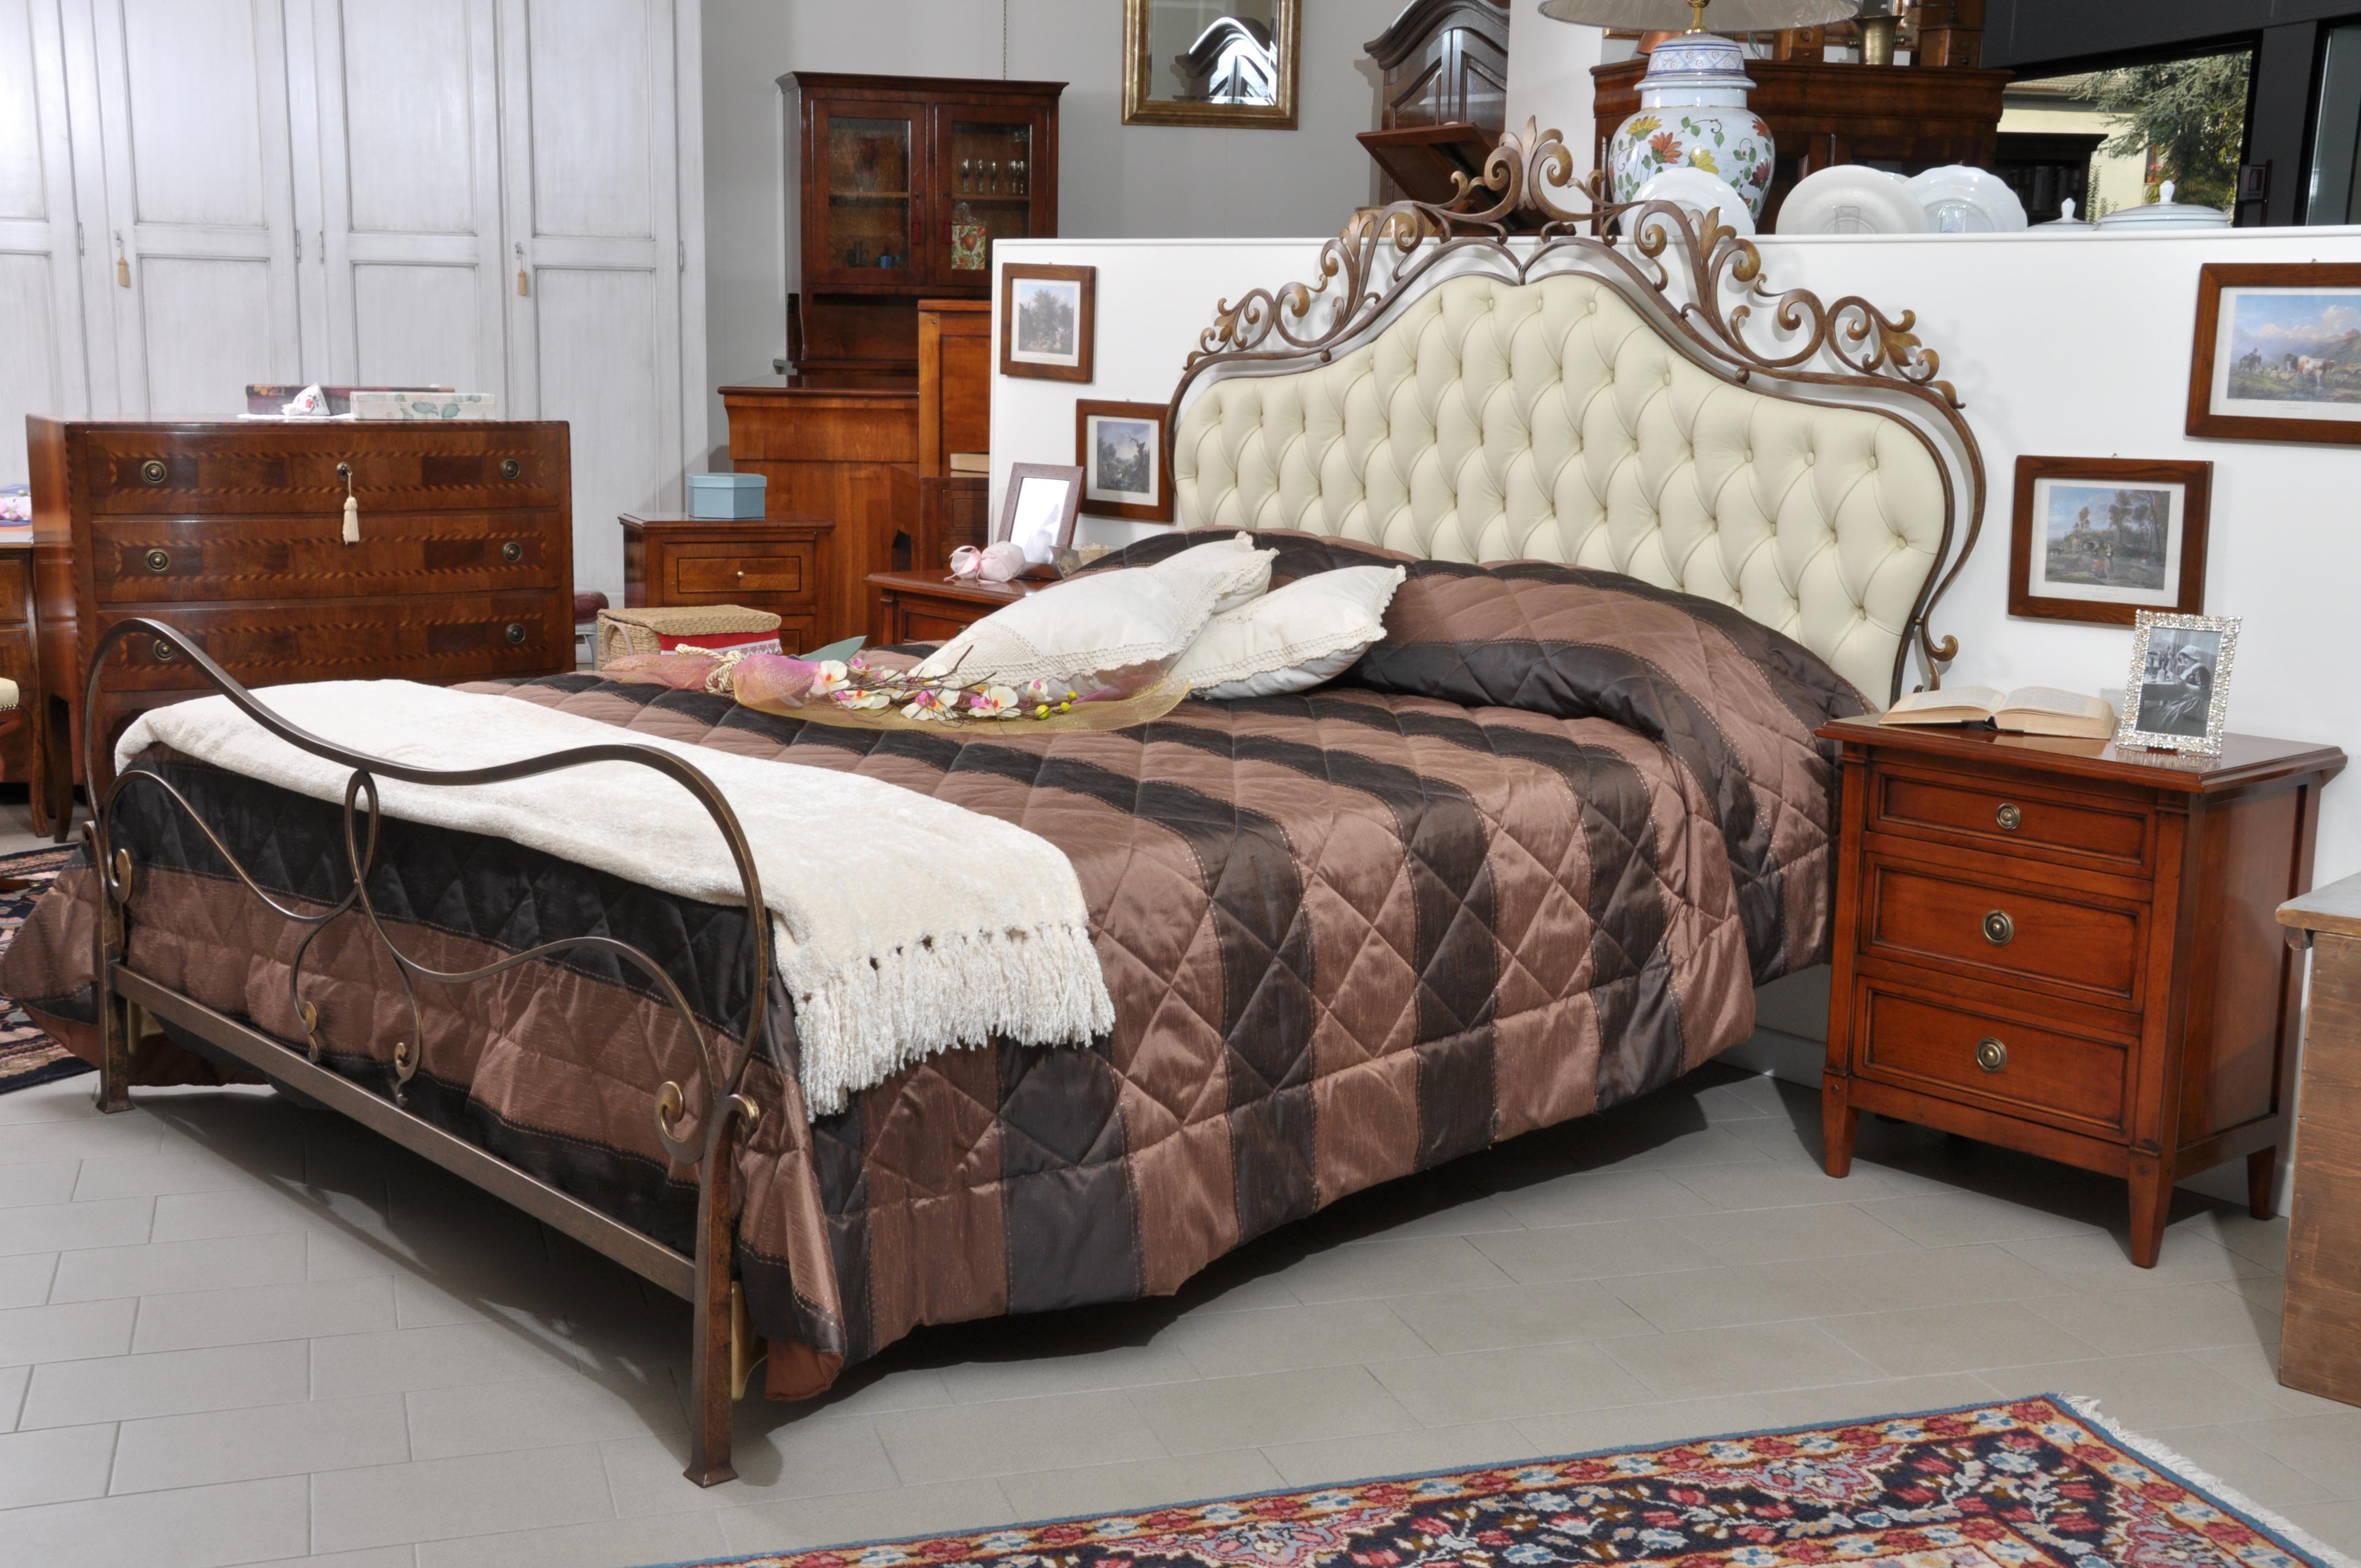 Importante letto matrimoniale realizzato in ferro battuto sagomato e forgiato a caldo in stile - Testata letto matrimoniale ferro battuto ...